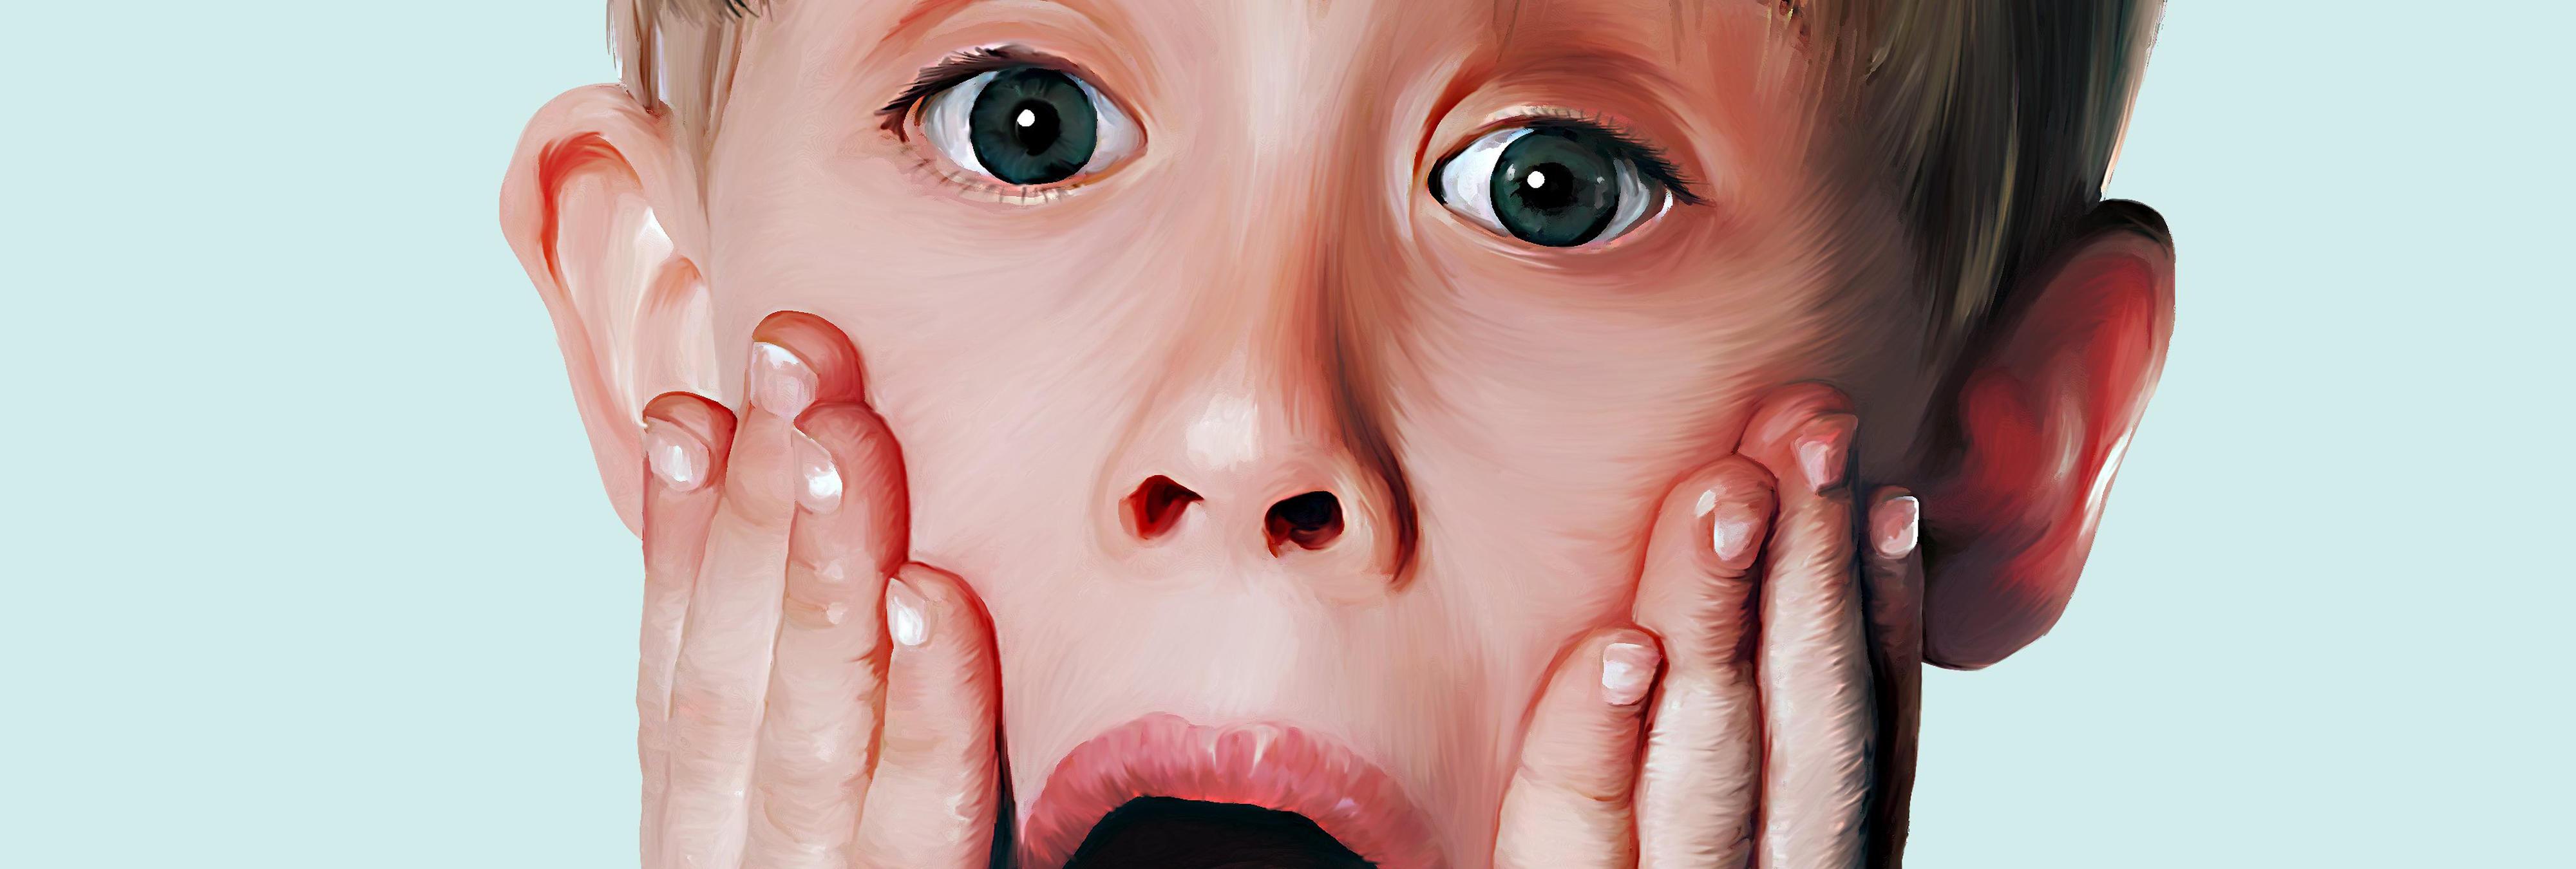 Añaden efectos de sangre a 'Solo en casa' y arruinan nuestra infancia